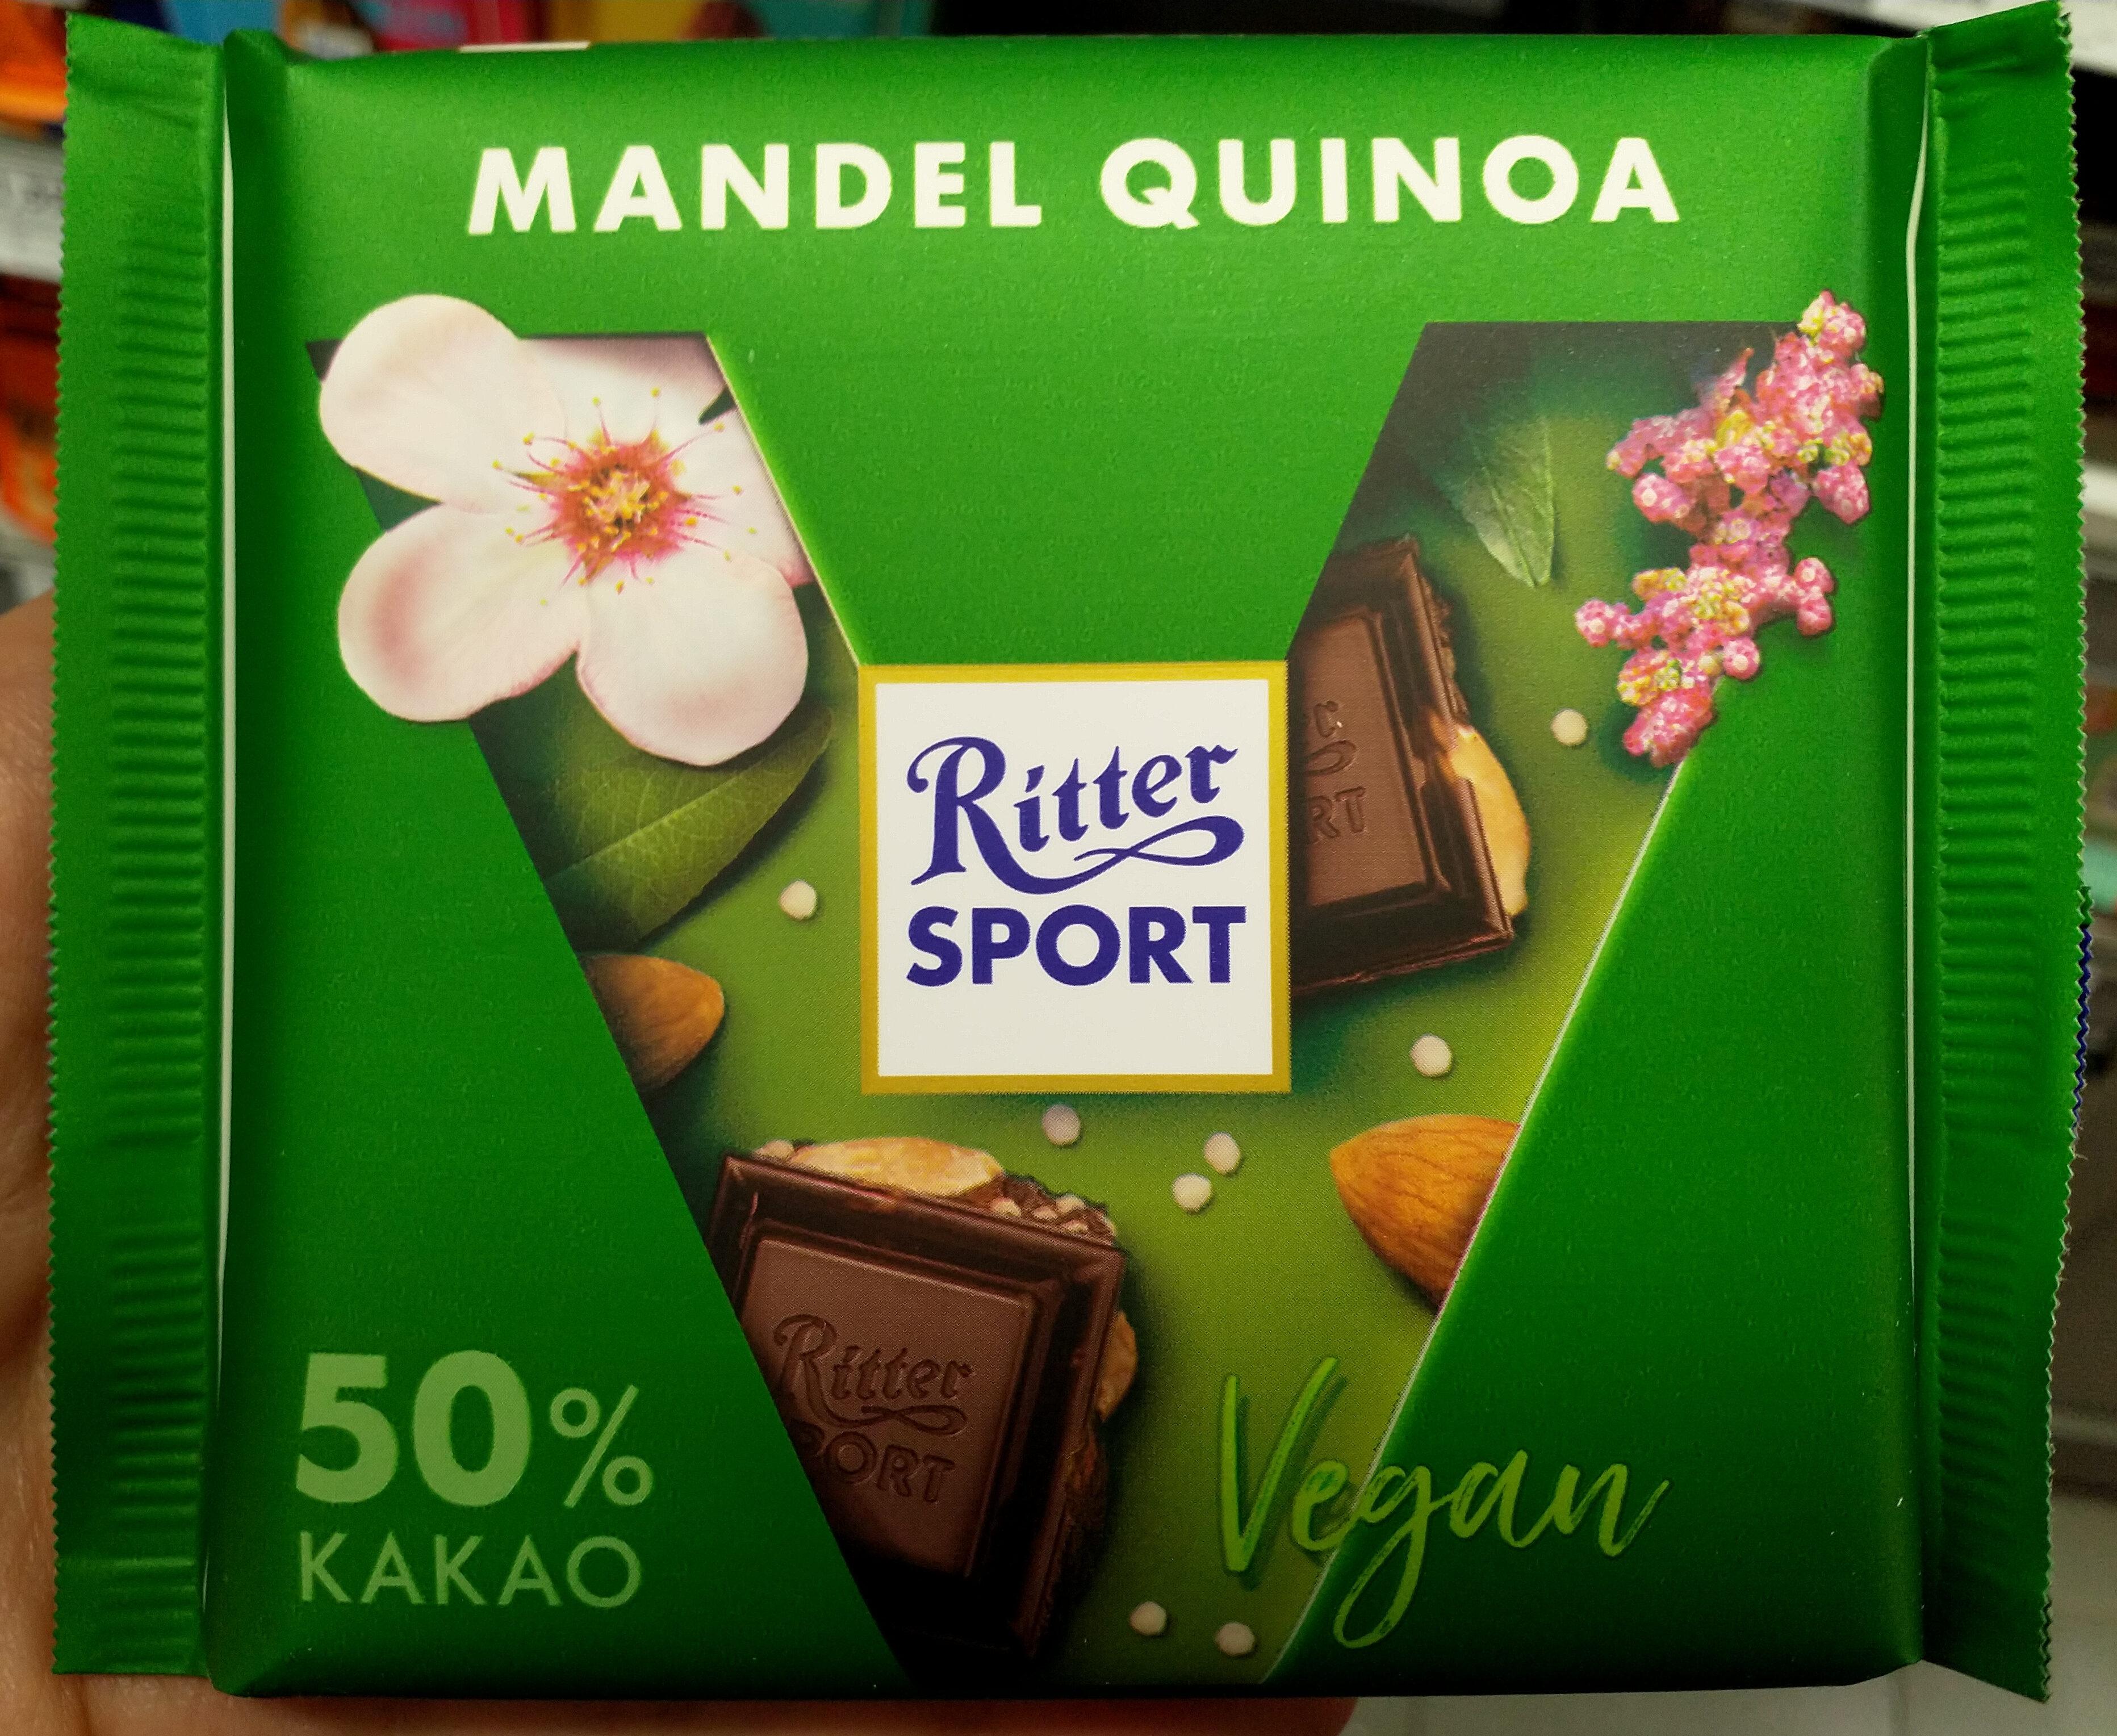 Mandel Quinoa 50% Kakao - Product - de